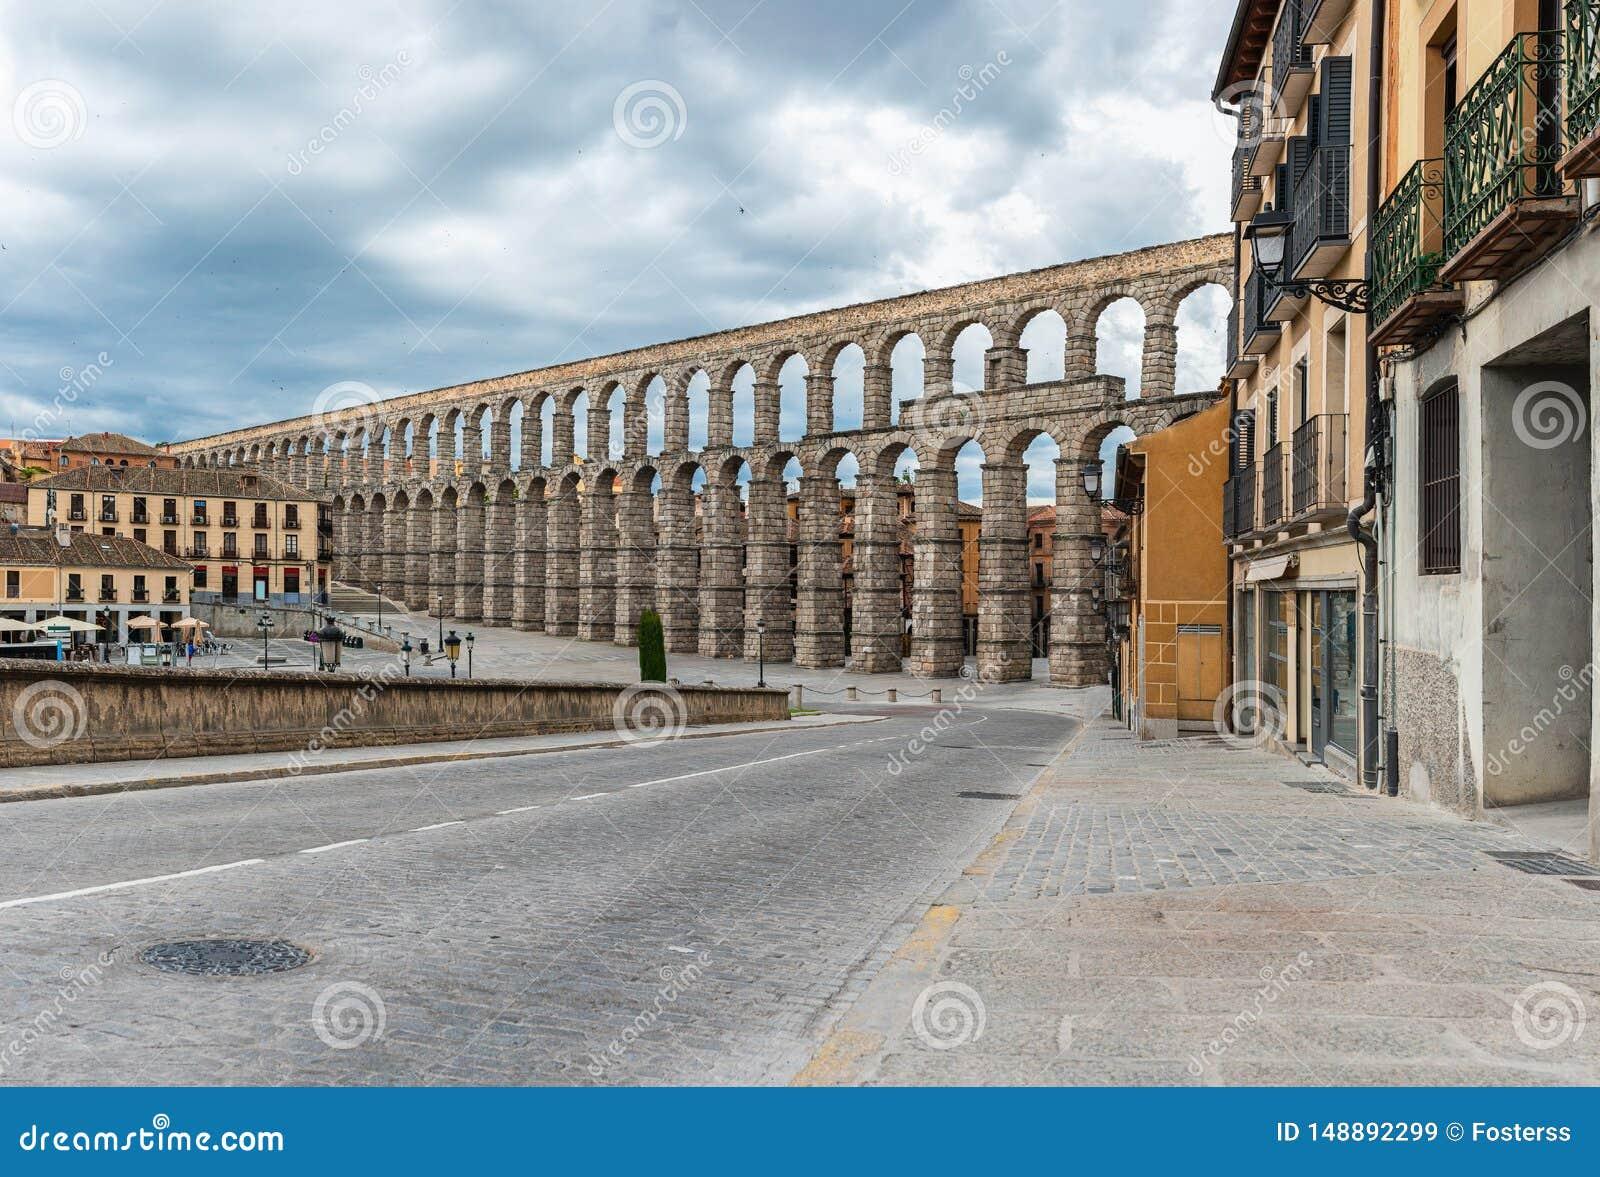 Aquedotto antico a Segovia, Castiglia y Leon, Spagna